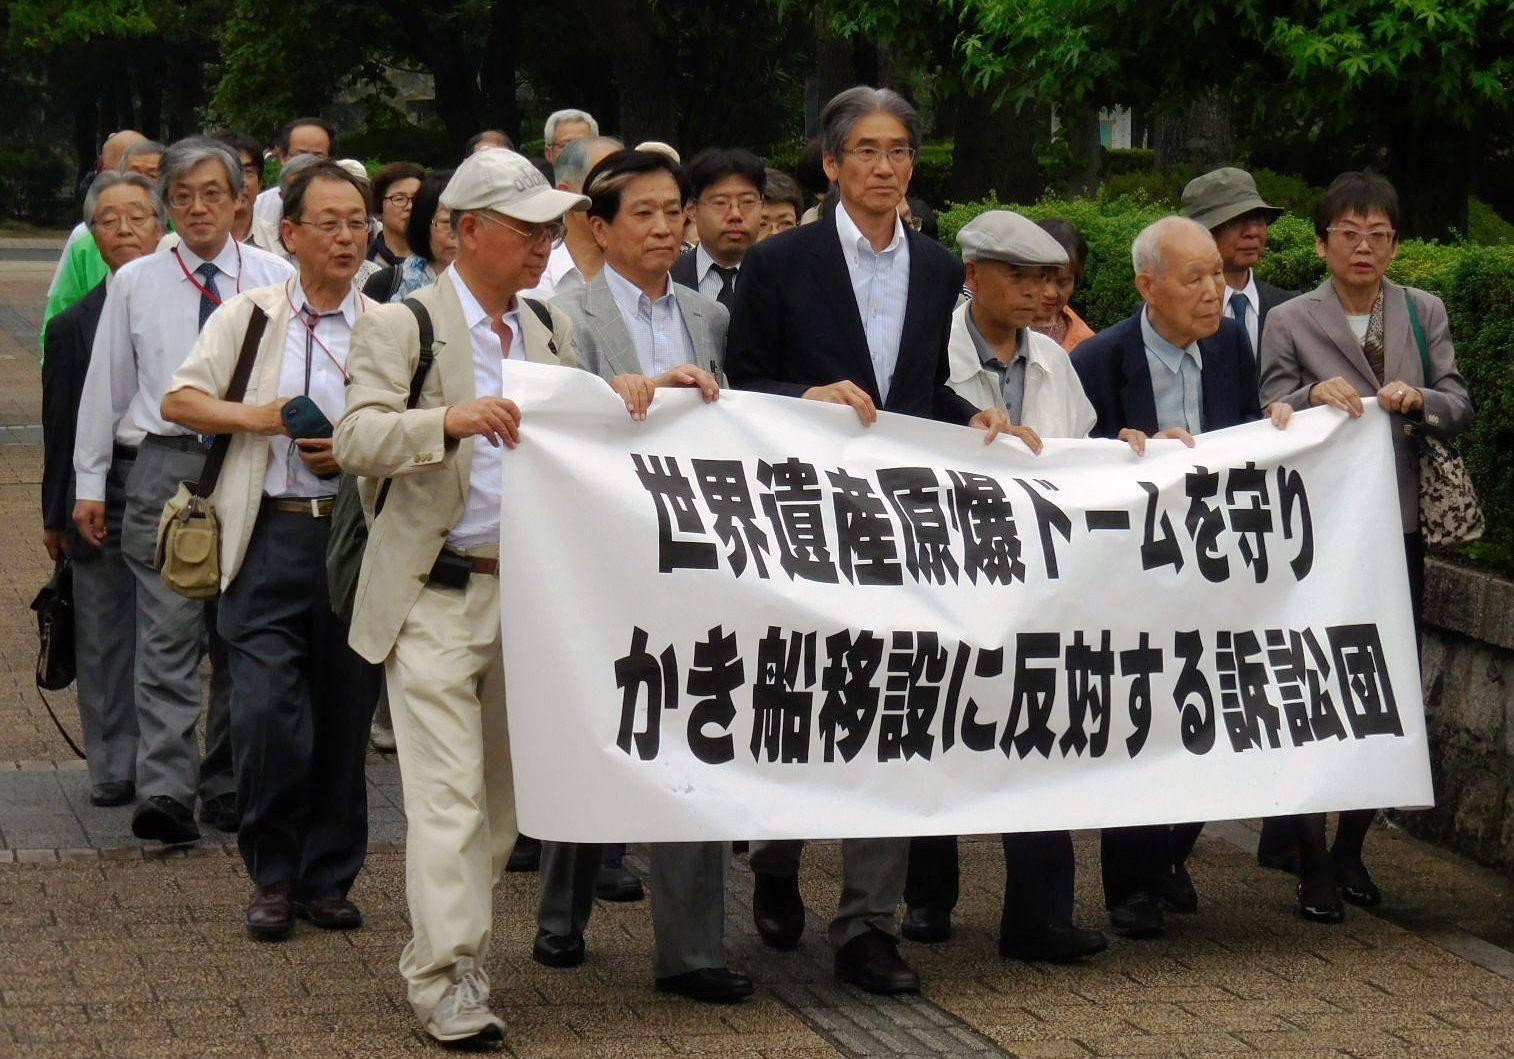 世界遺産原爆ドームを守りかき船移設に反対する訴訟が6月11日、広島地裁に提起_e0094315_23125720.jpg